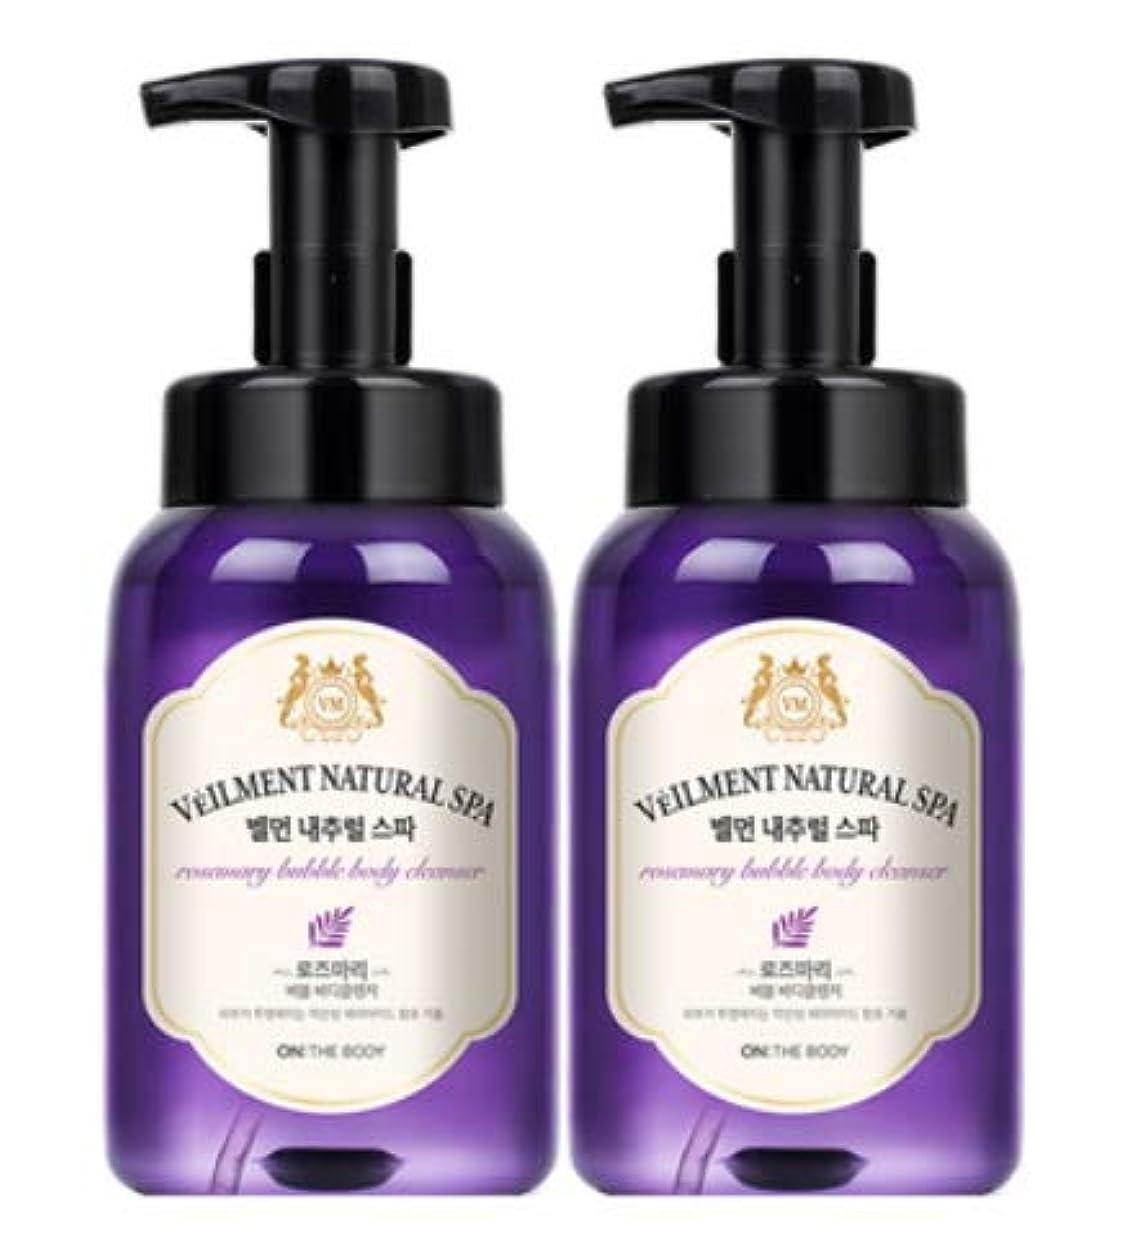 を除く延ばす豚肉[LG HnB] On the Body Belman Natural Spa Bubble Body Cleanser/オンザボディベルモンナチュラルスパバブルボディクレンザー 500ml x2個(海外直送品)